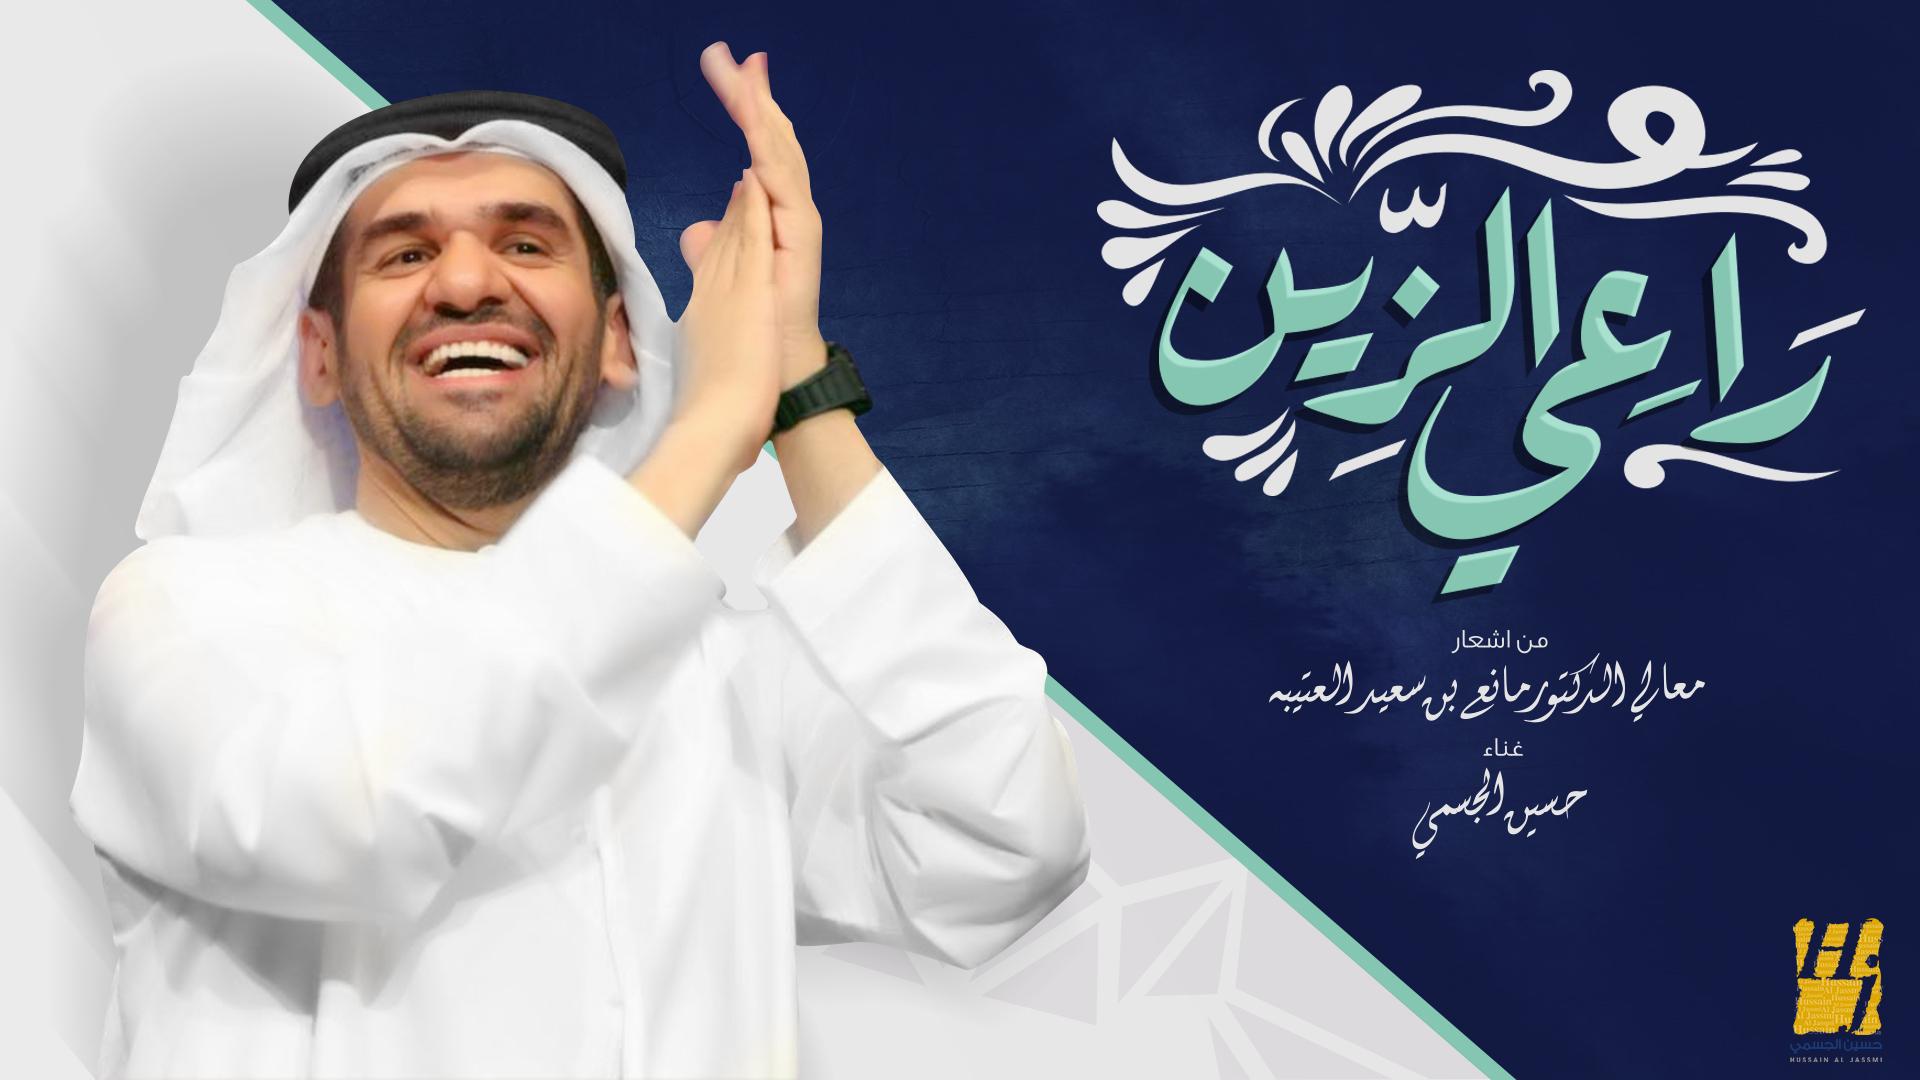 """صورة حسين الجسمي يُصدر """"راعي الزين"""" أشعار مانع سعيد العتيبة"""